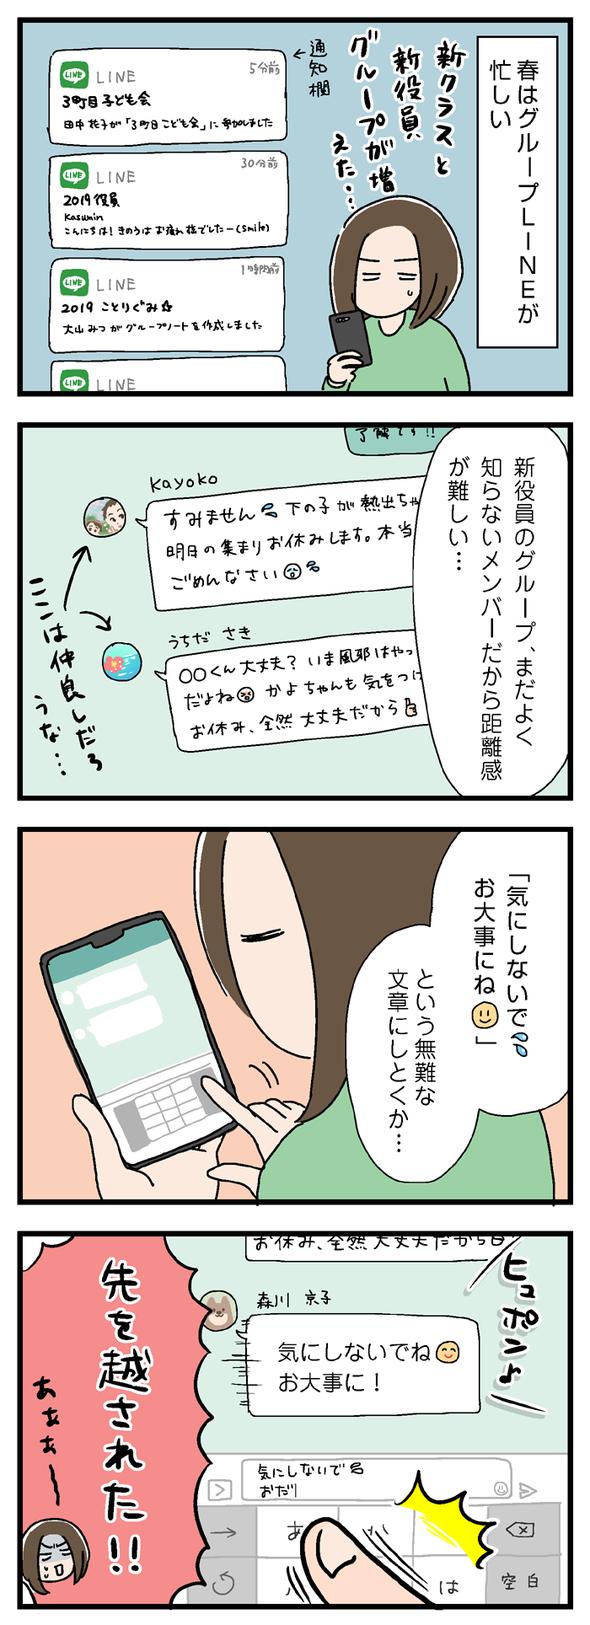 icchomae768